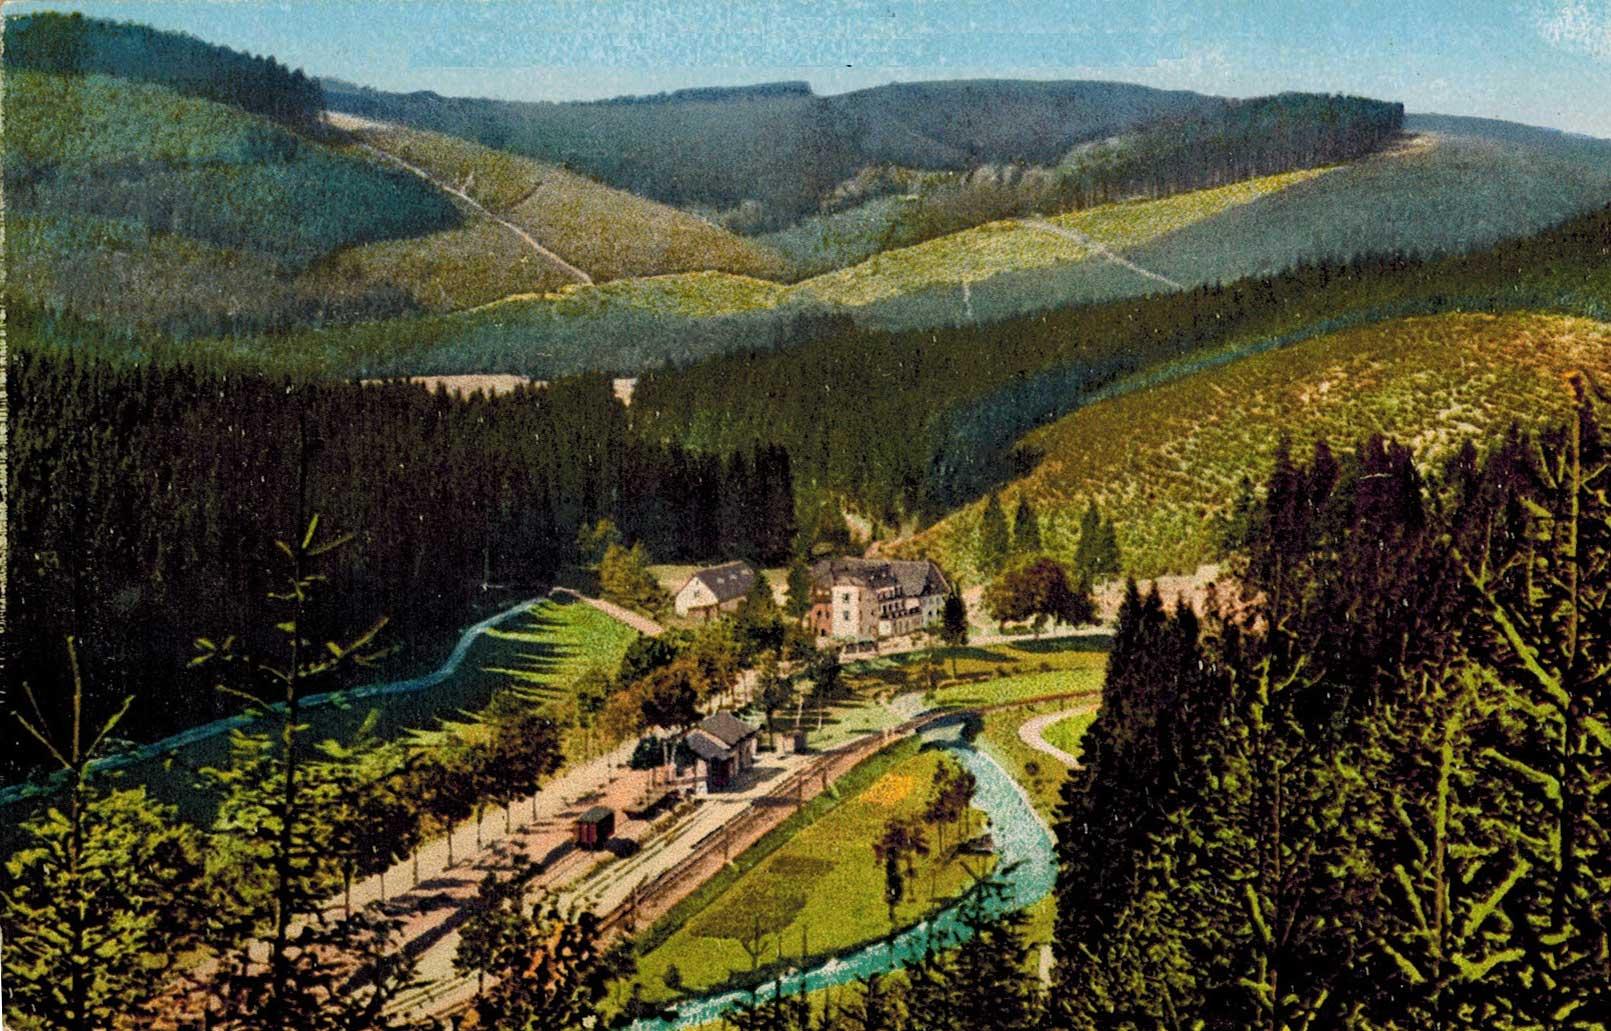 1923, az építkezés nyomai, ahol a bal alulról induló út és sínek eltűnnek nagyjából középen, a dombok között.